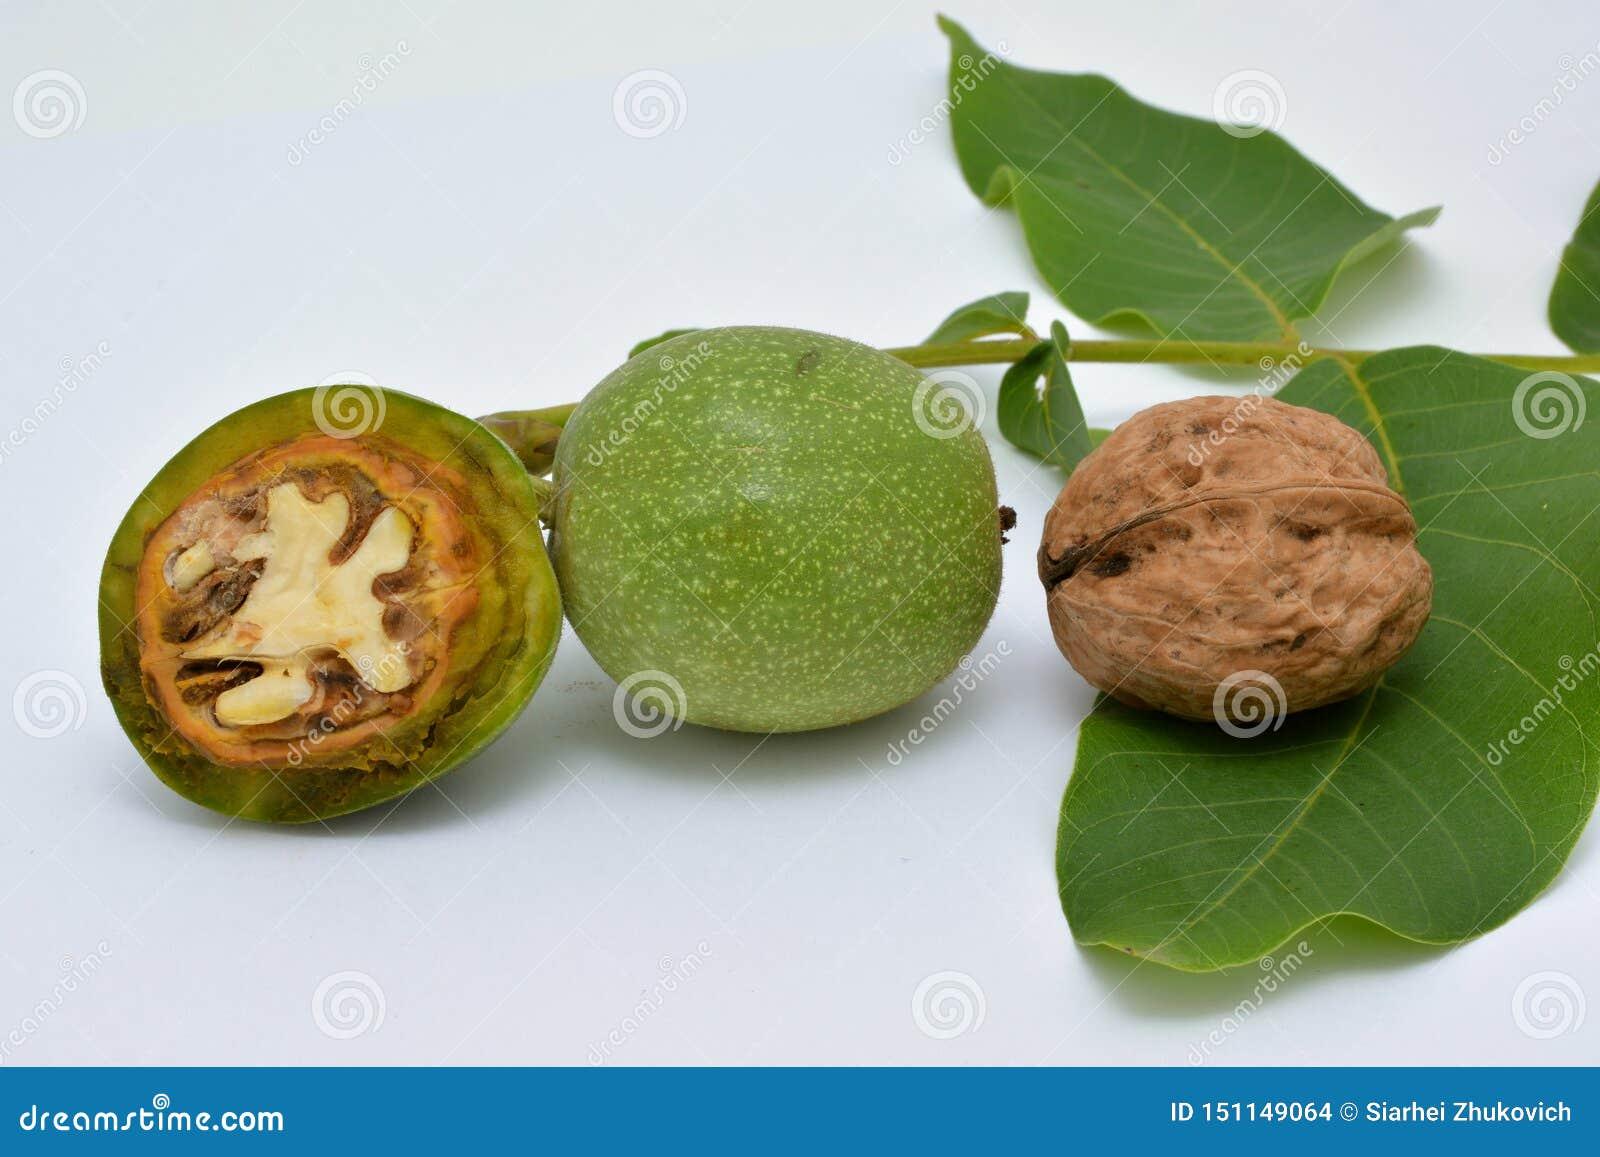 Rijpe en ontlede groene okkernoten met bladeren